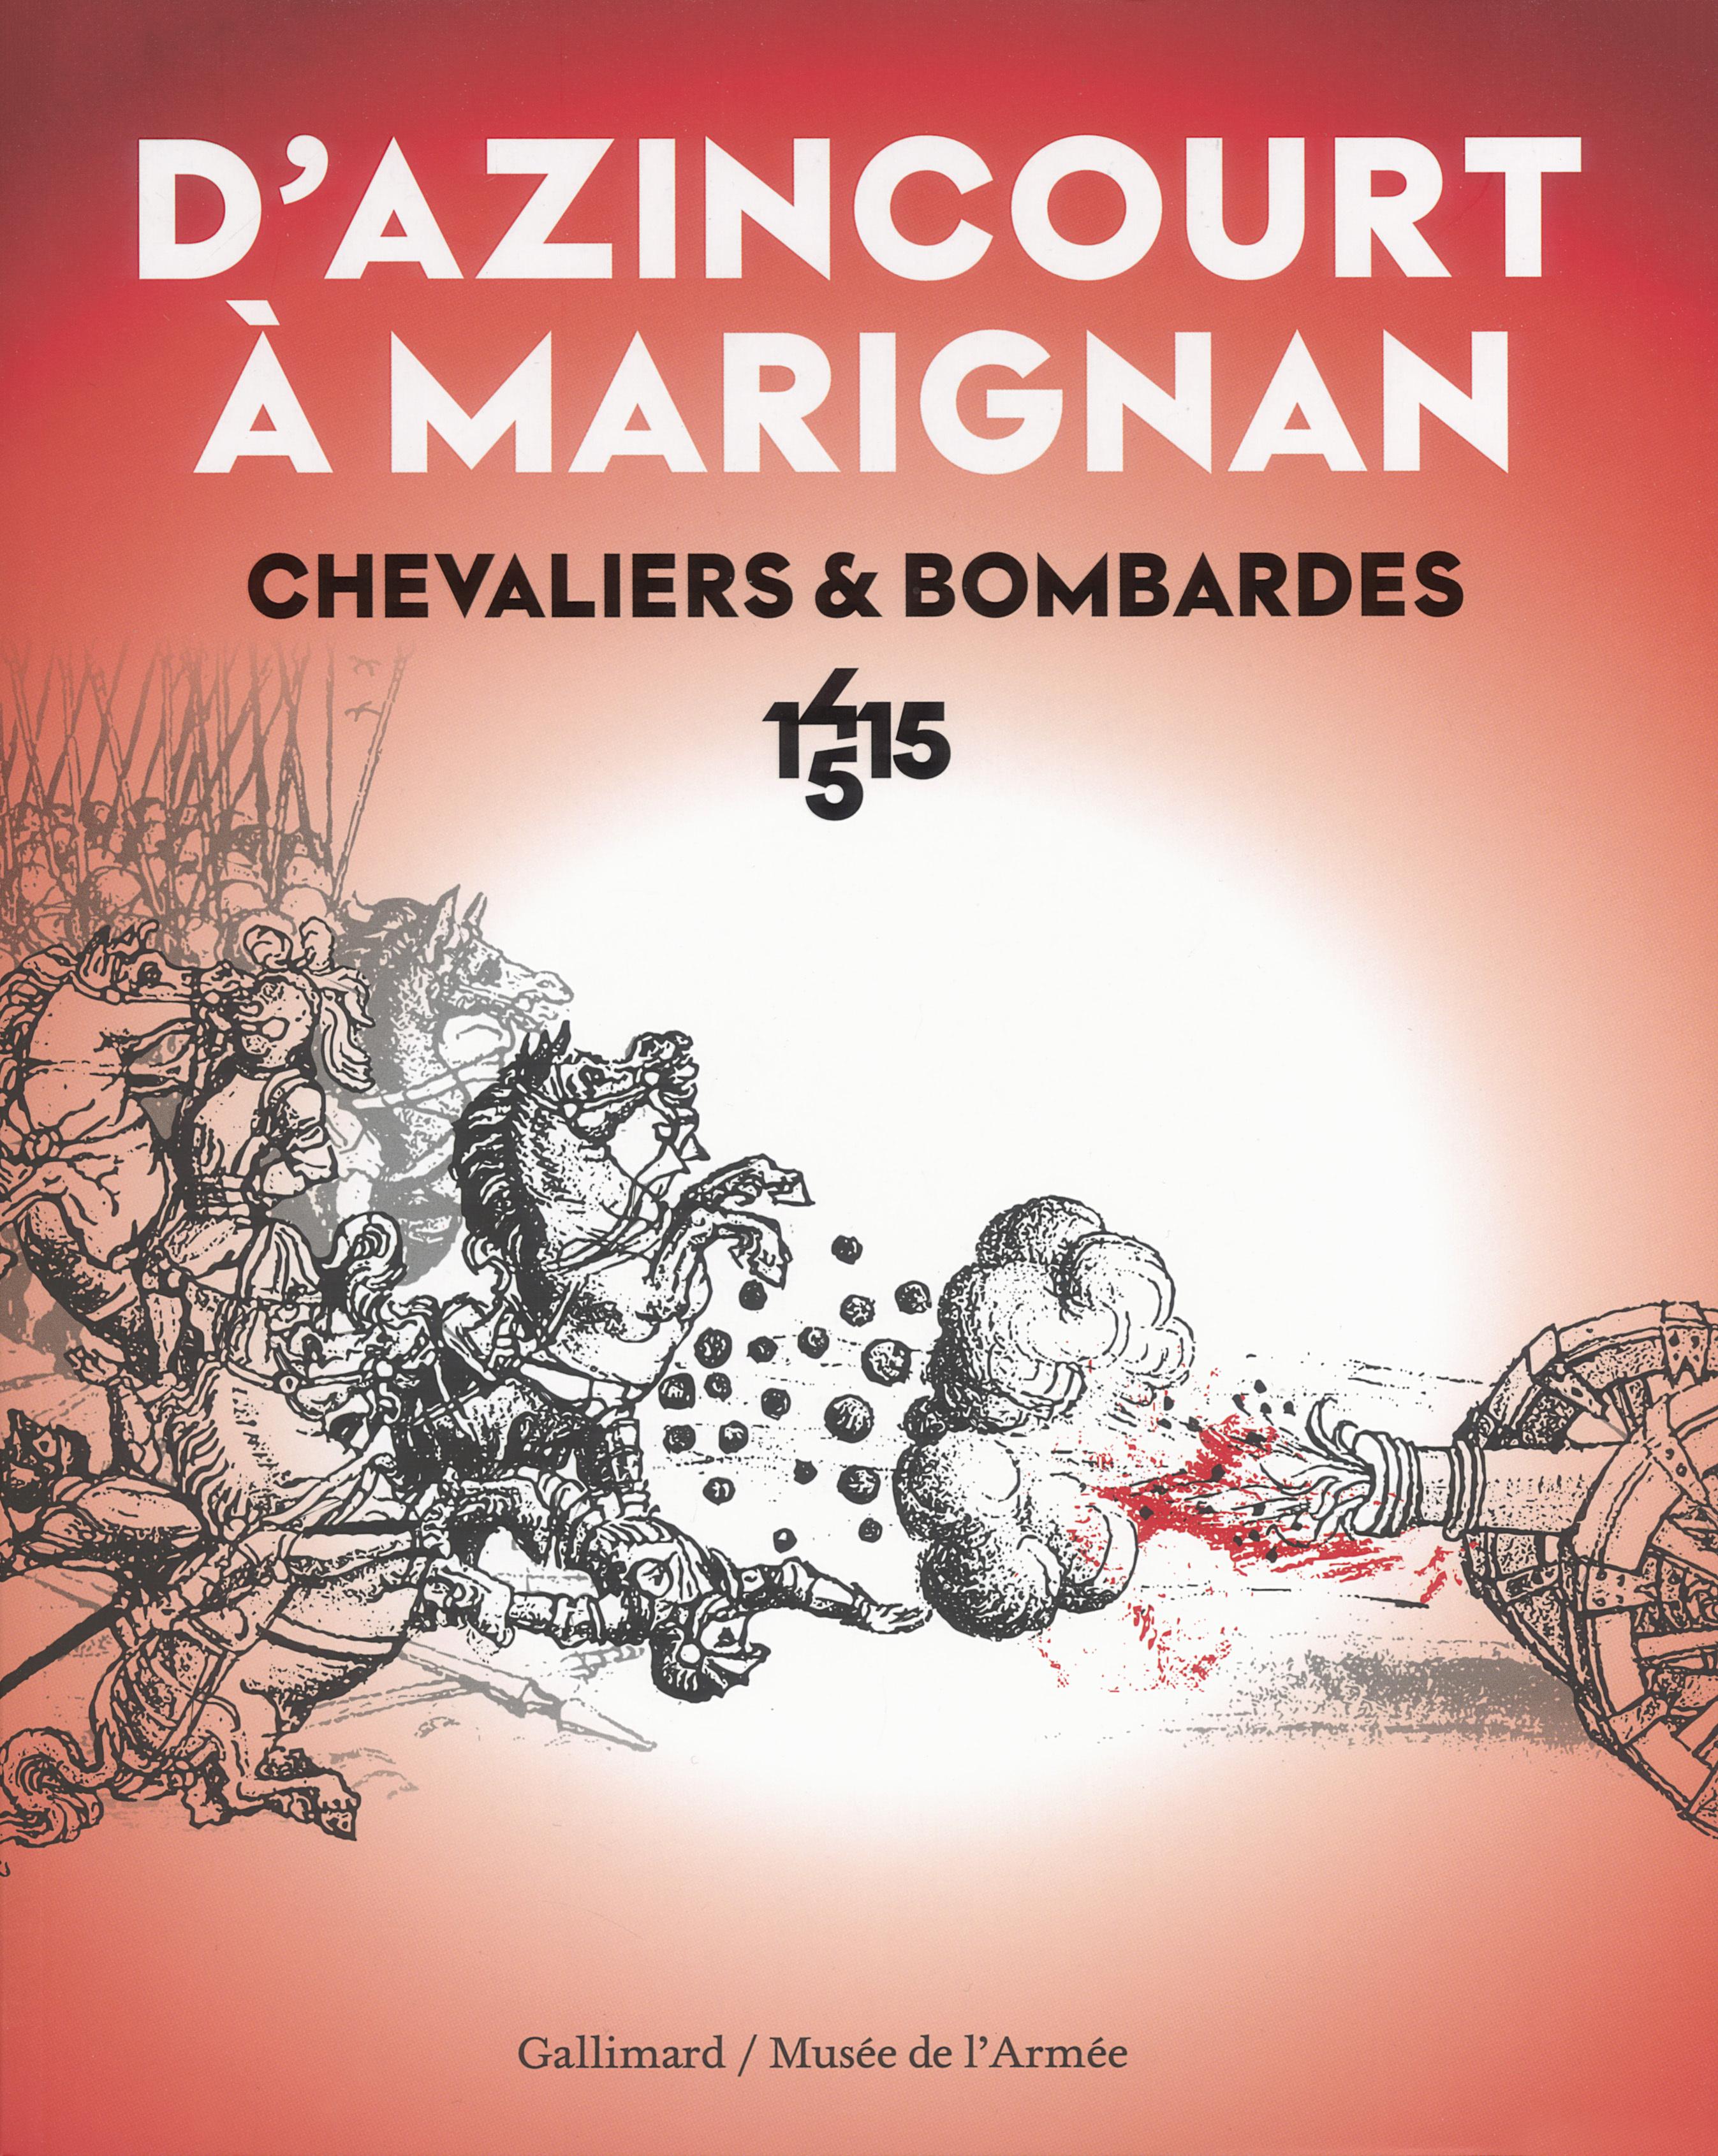 D'AZINCOURT A MARIGNAN - CHEVALIERS ET BOMBARDES, 1415-1515